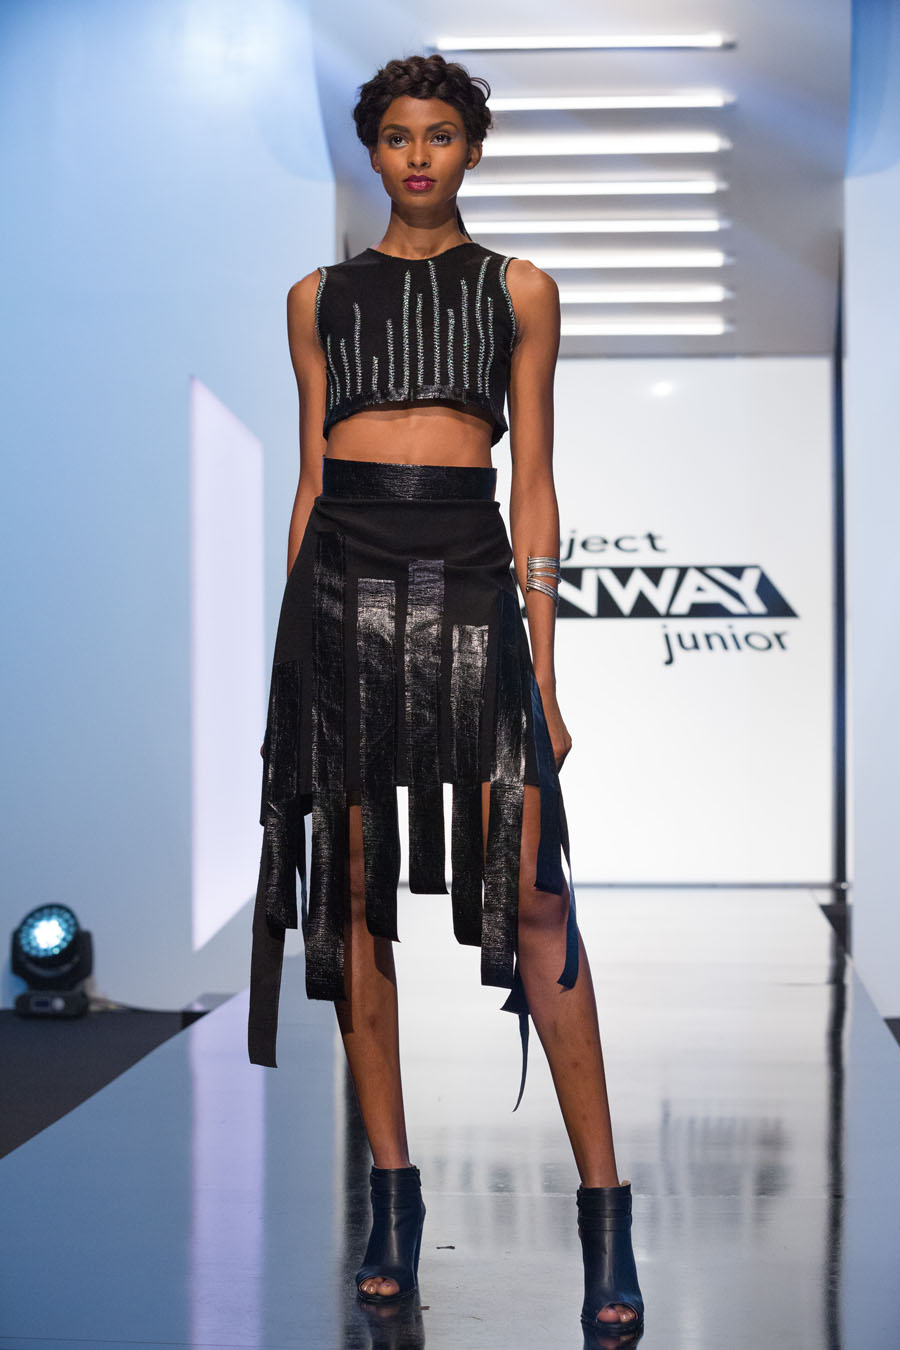 Tierra Benton wearing #DesignerVictoria Project Runway Junior S1 E1 Welcome to New York